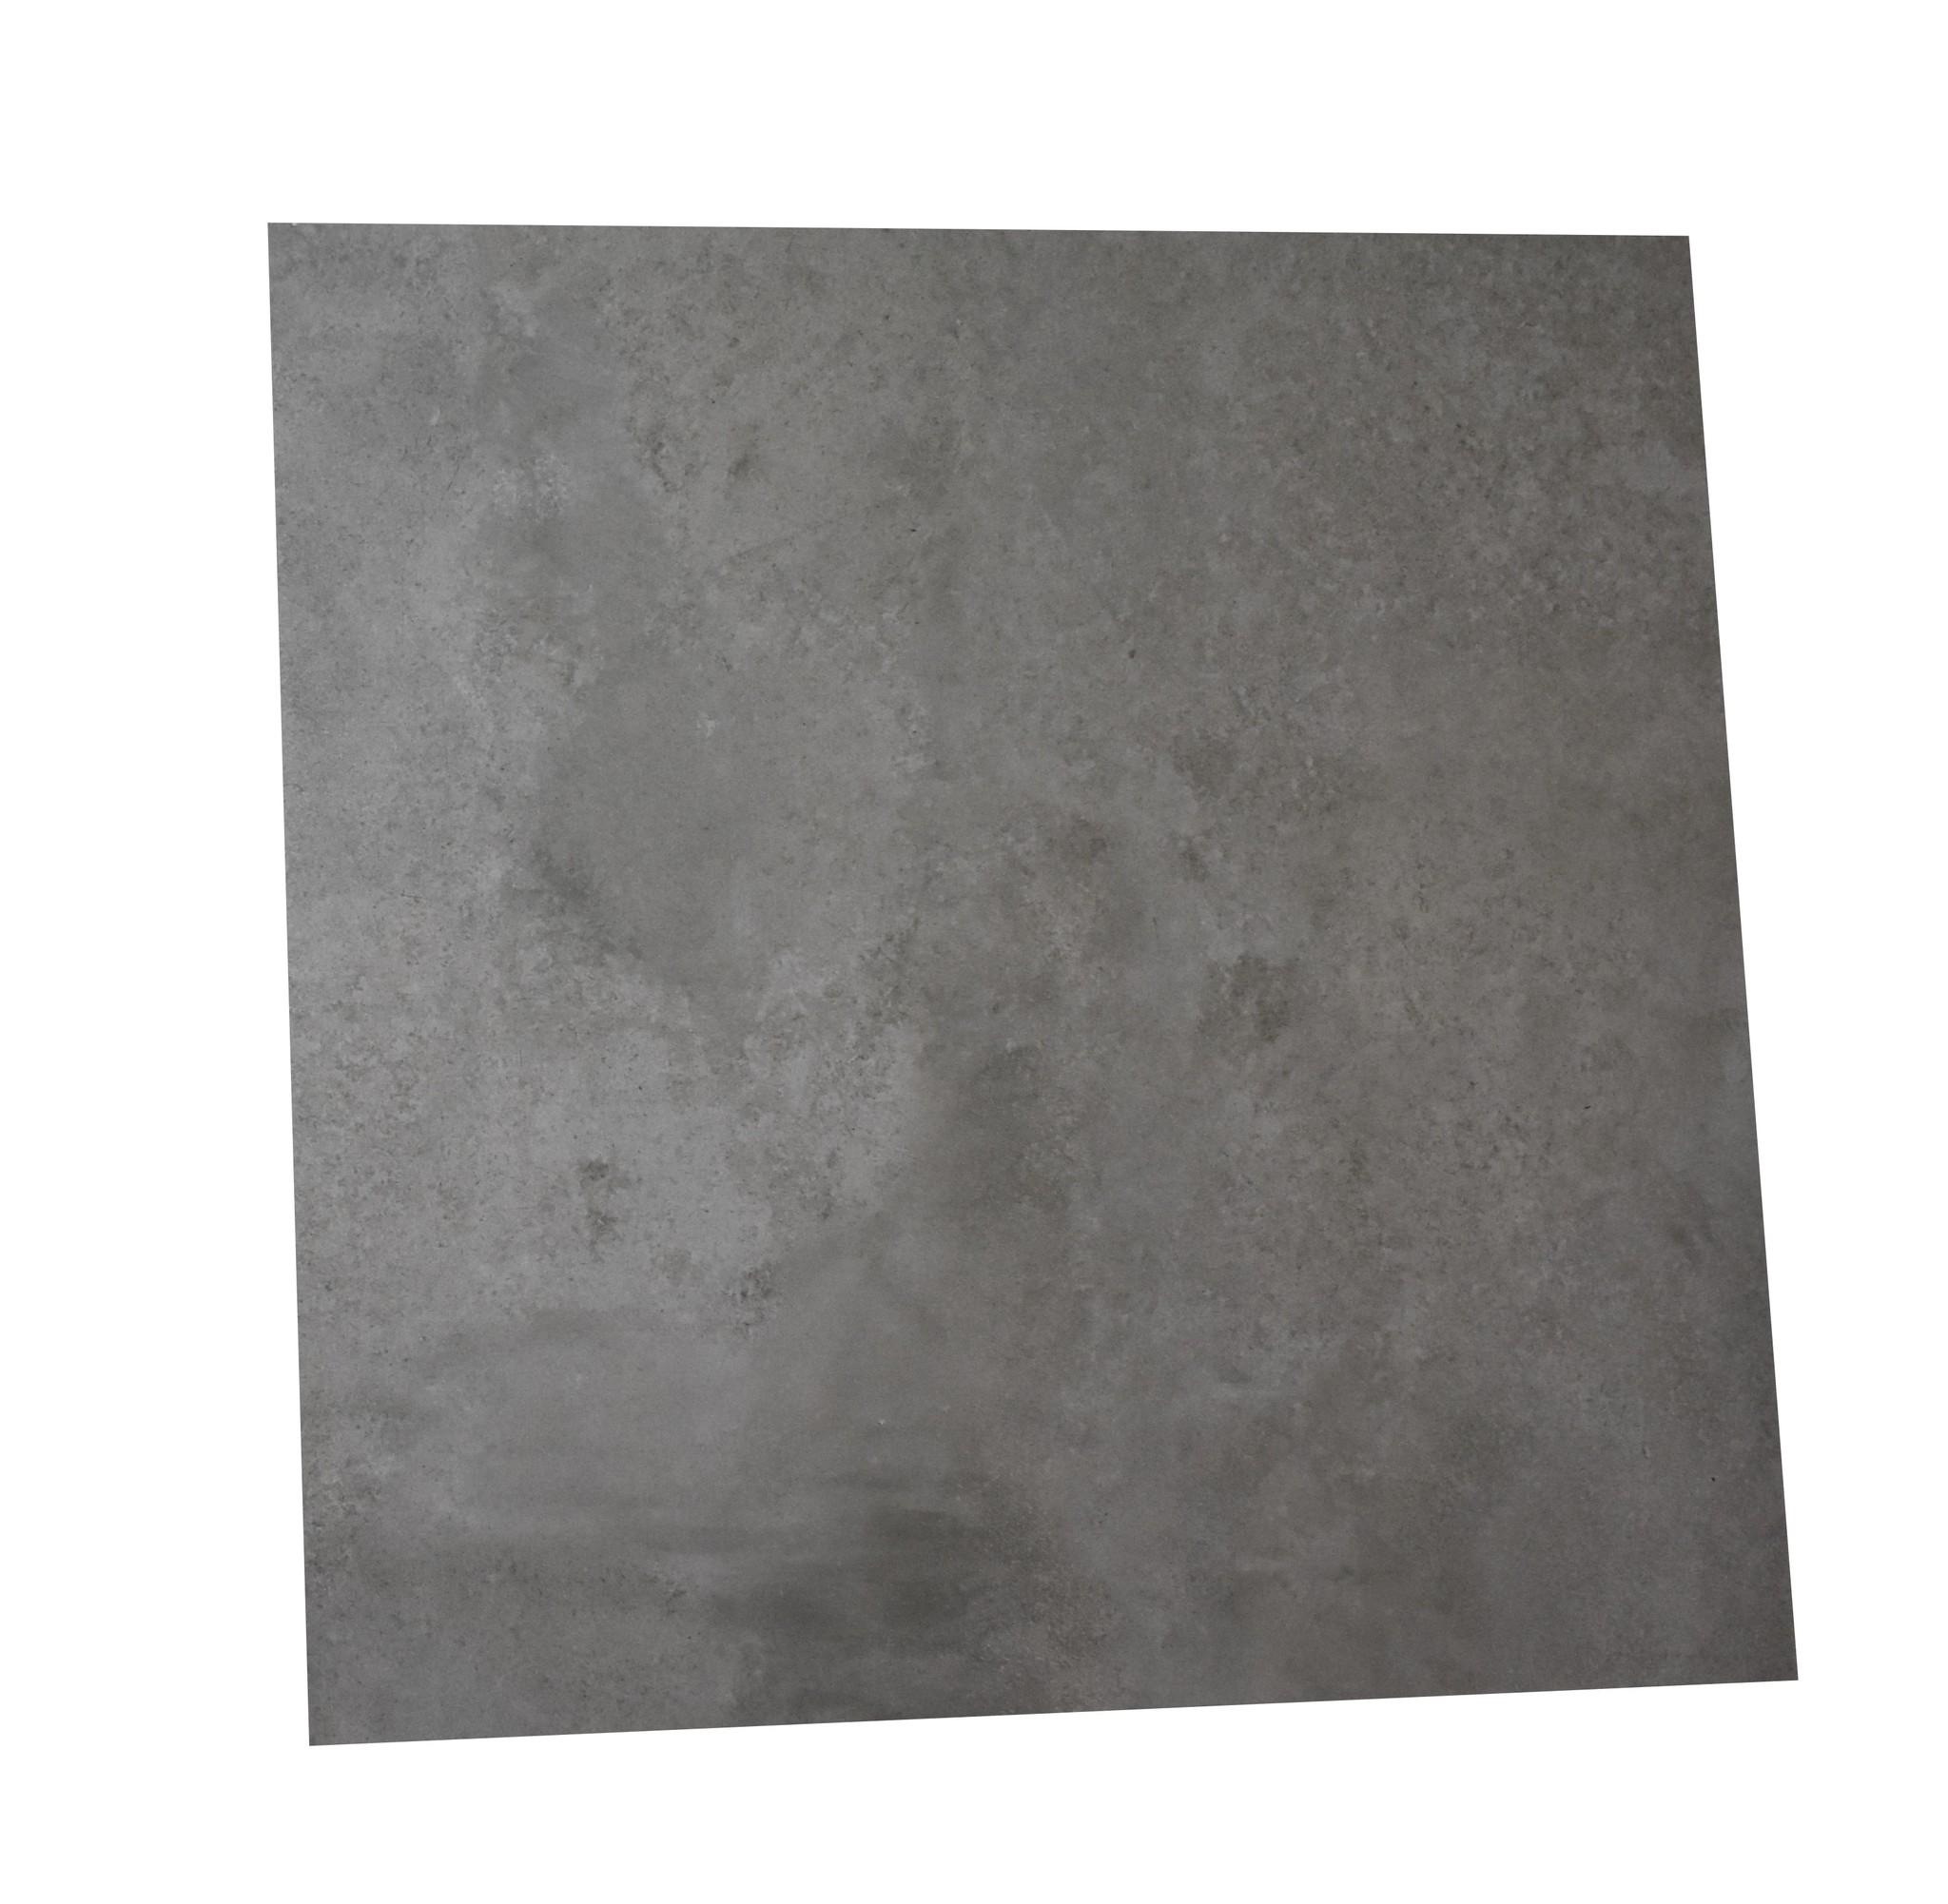 Metallique Perla Bodenfliesen